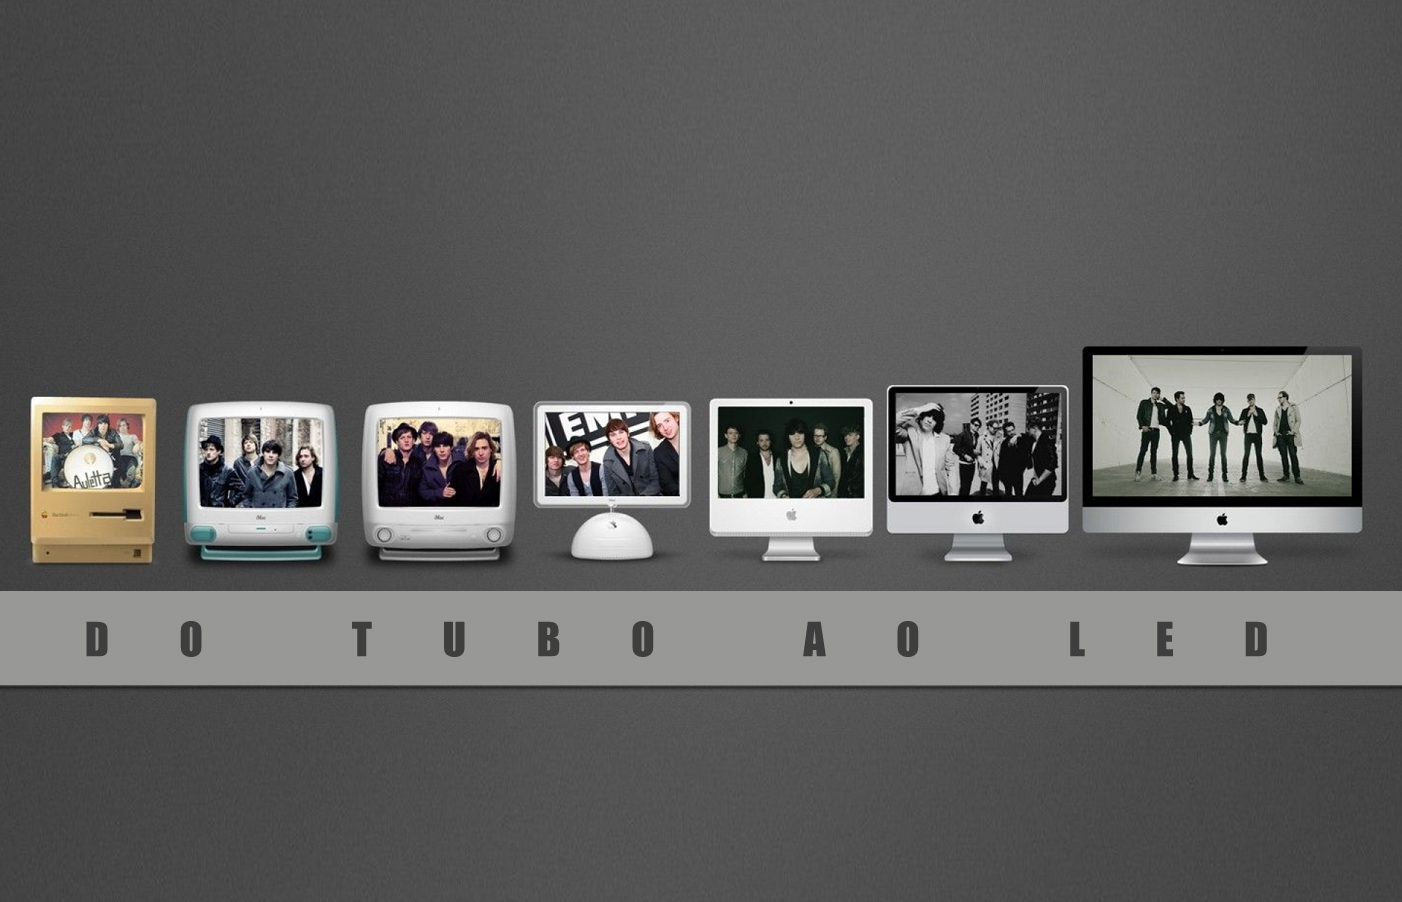 http://blog.elgscreen.com/wp-content/uploads/2012/08/evolucao-dos-monitores.jpg